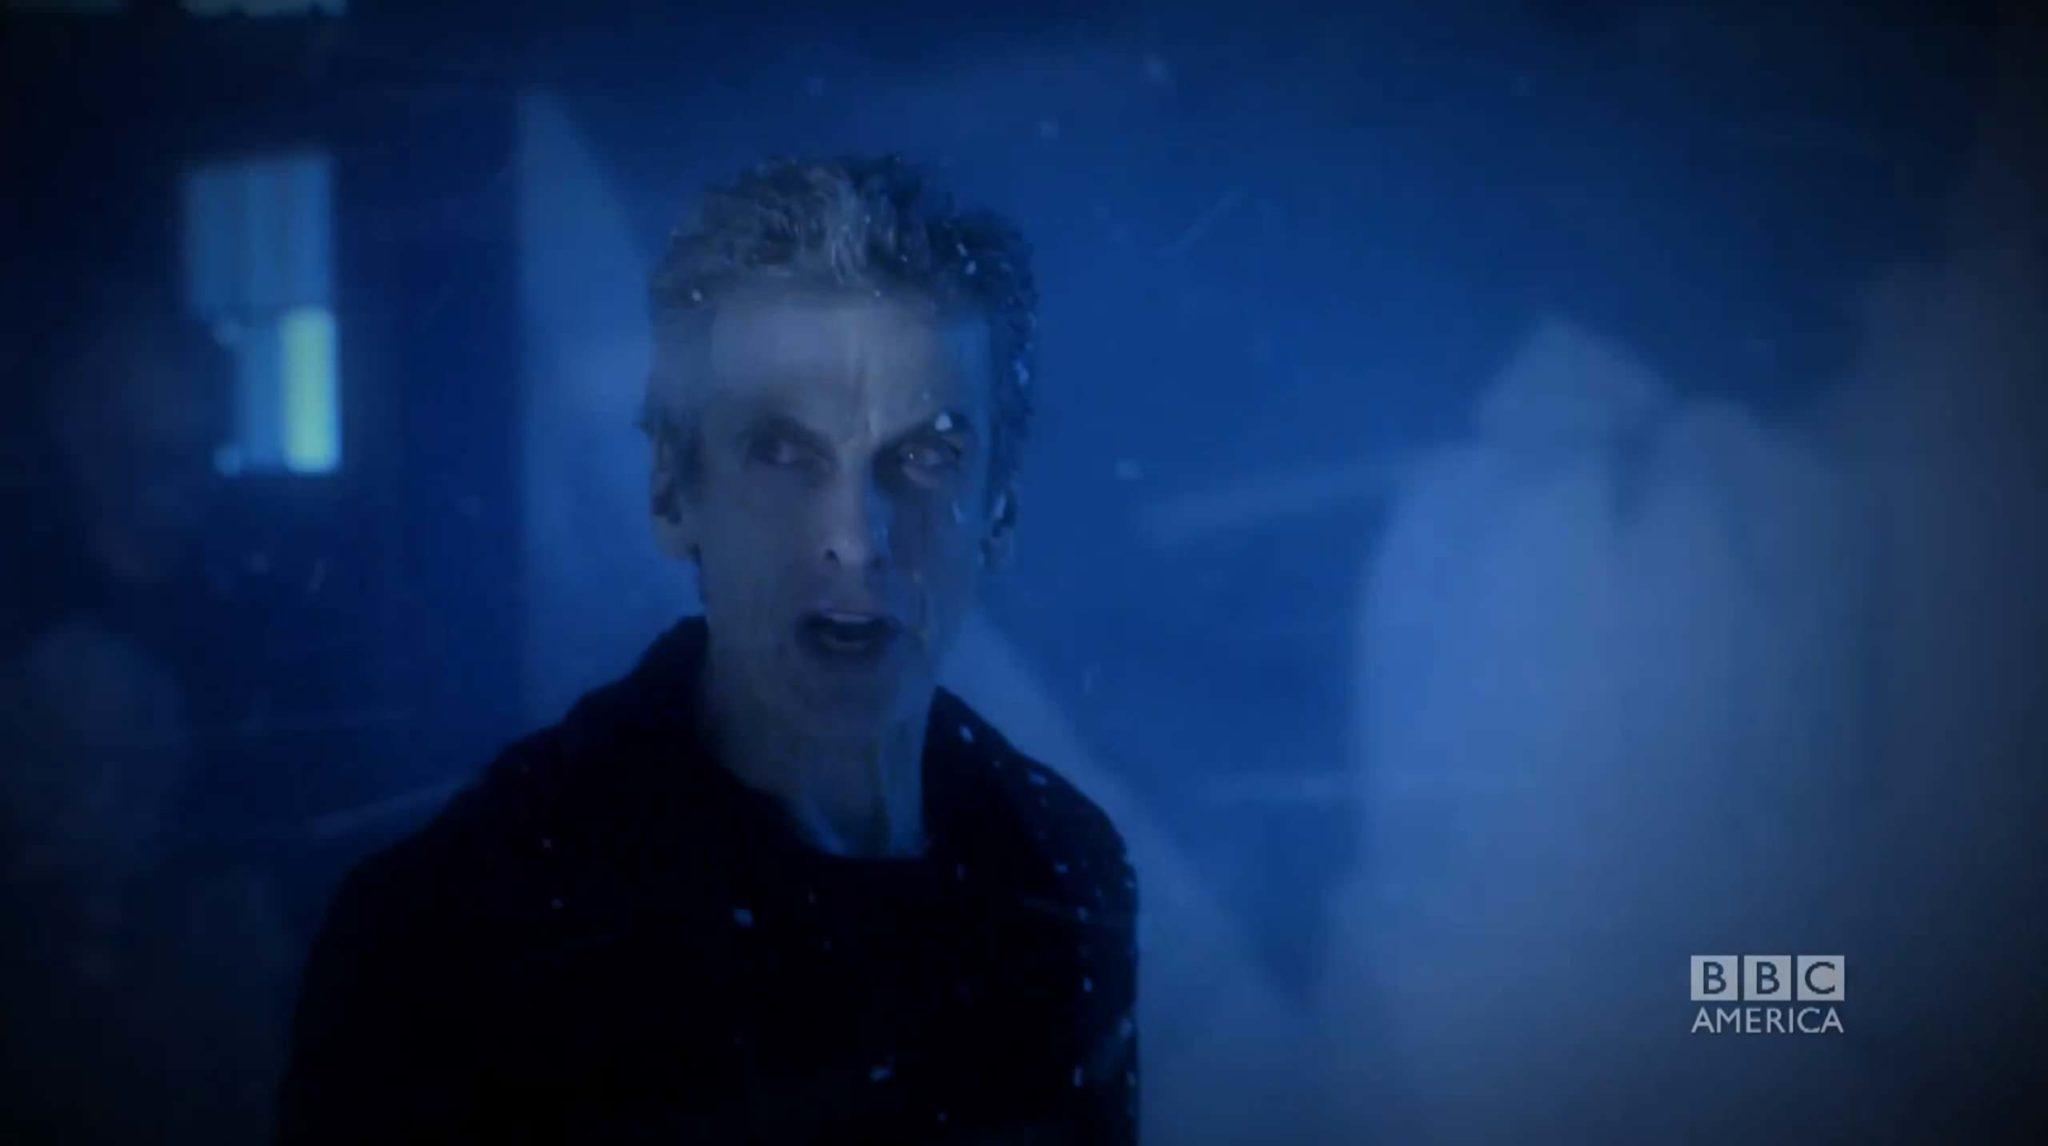 Imagen promocional de Doctor Who en BBC y BBC Entertainment, show actualmente en su 9na Temporada. Peter Moffat showrunner de Doctor Who ha anunciado que después de 6 años dejará su rol en el show y Chris Chibnall tomará el rol de showrunner. Doctor Who está basado en la serie original de los 60's, esta en una nueva adaptación, estelarizada por Peter Capaldi de momento.